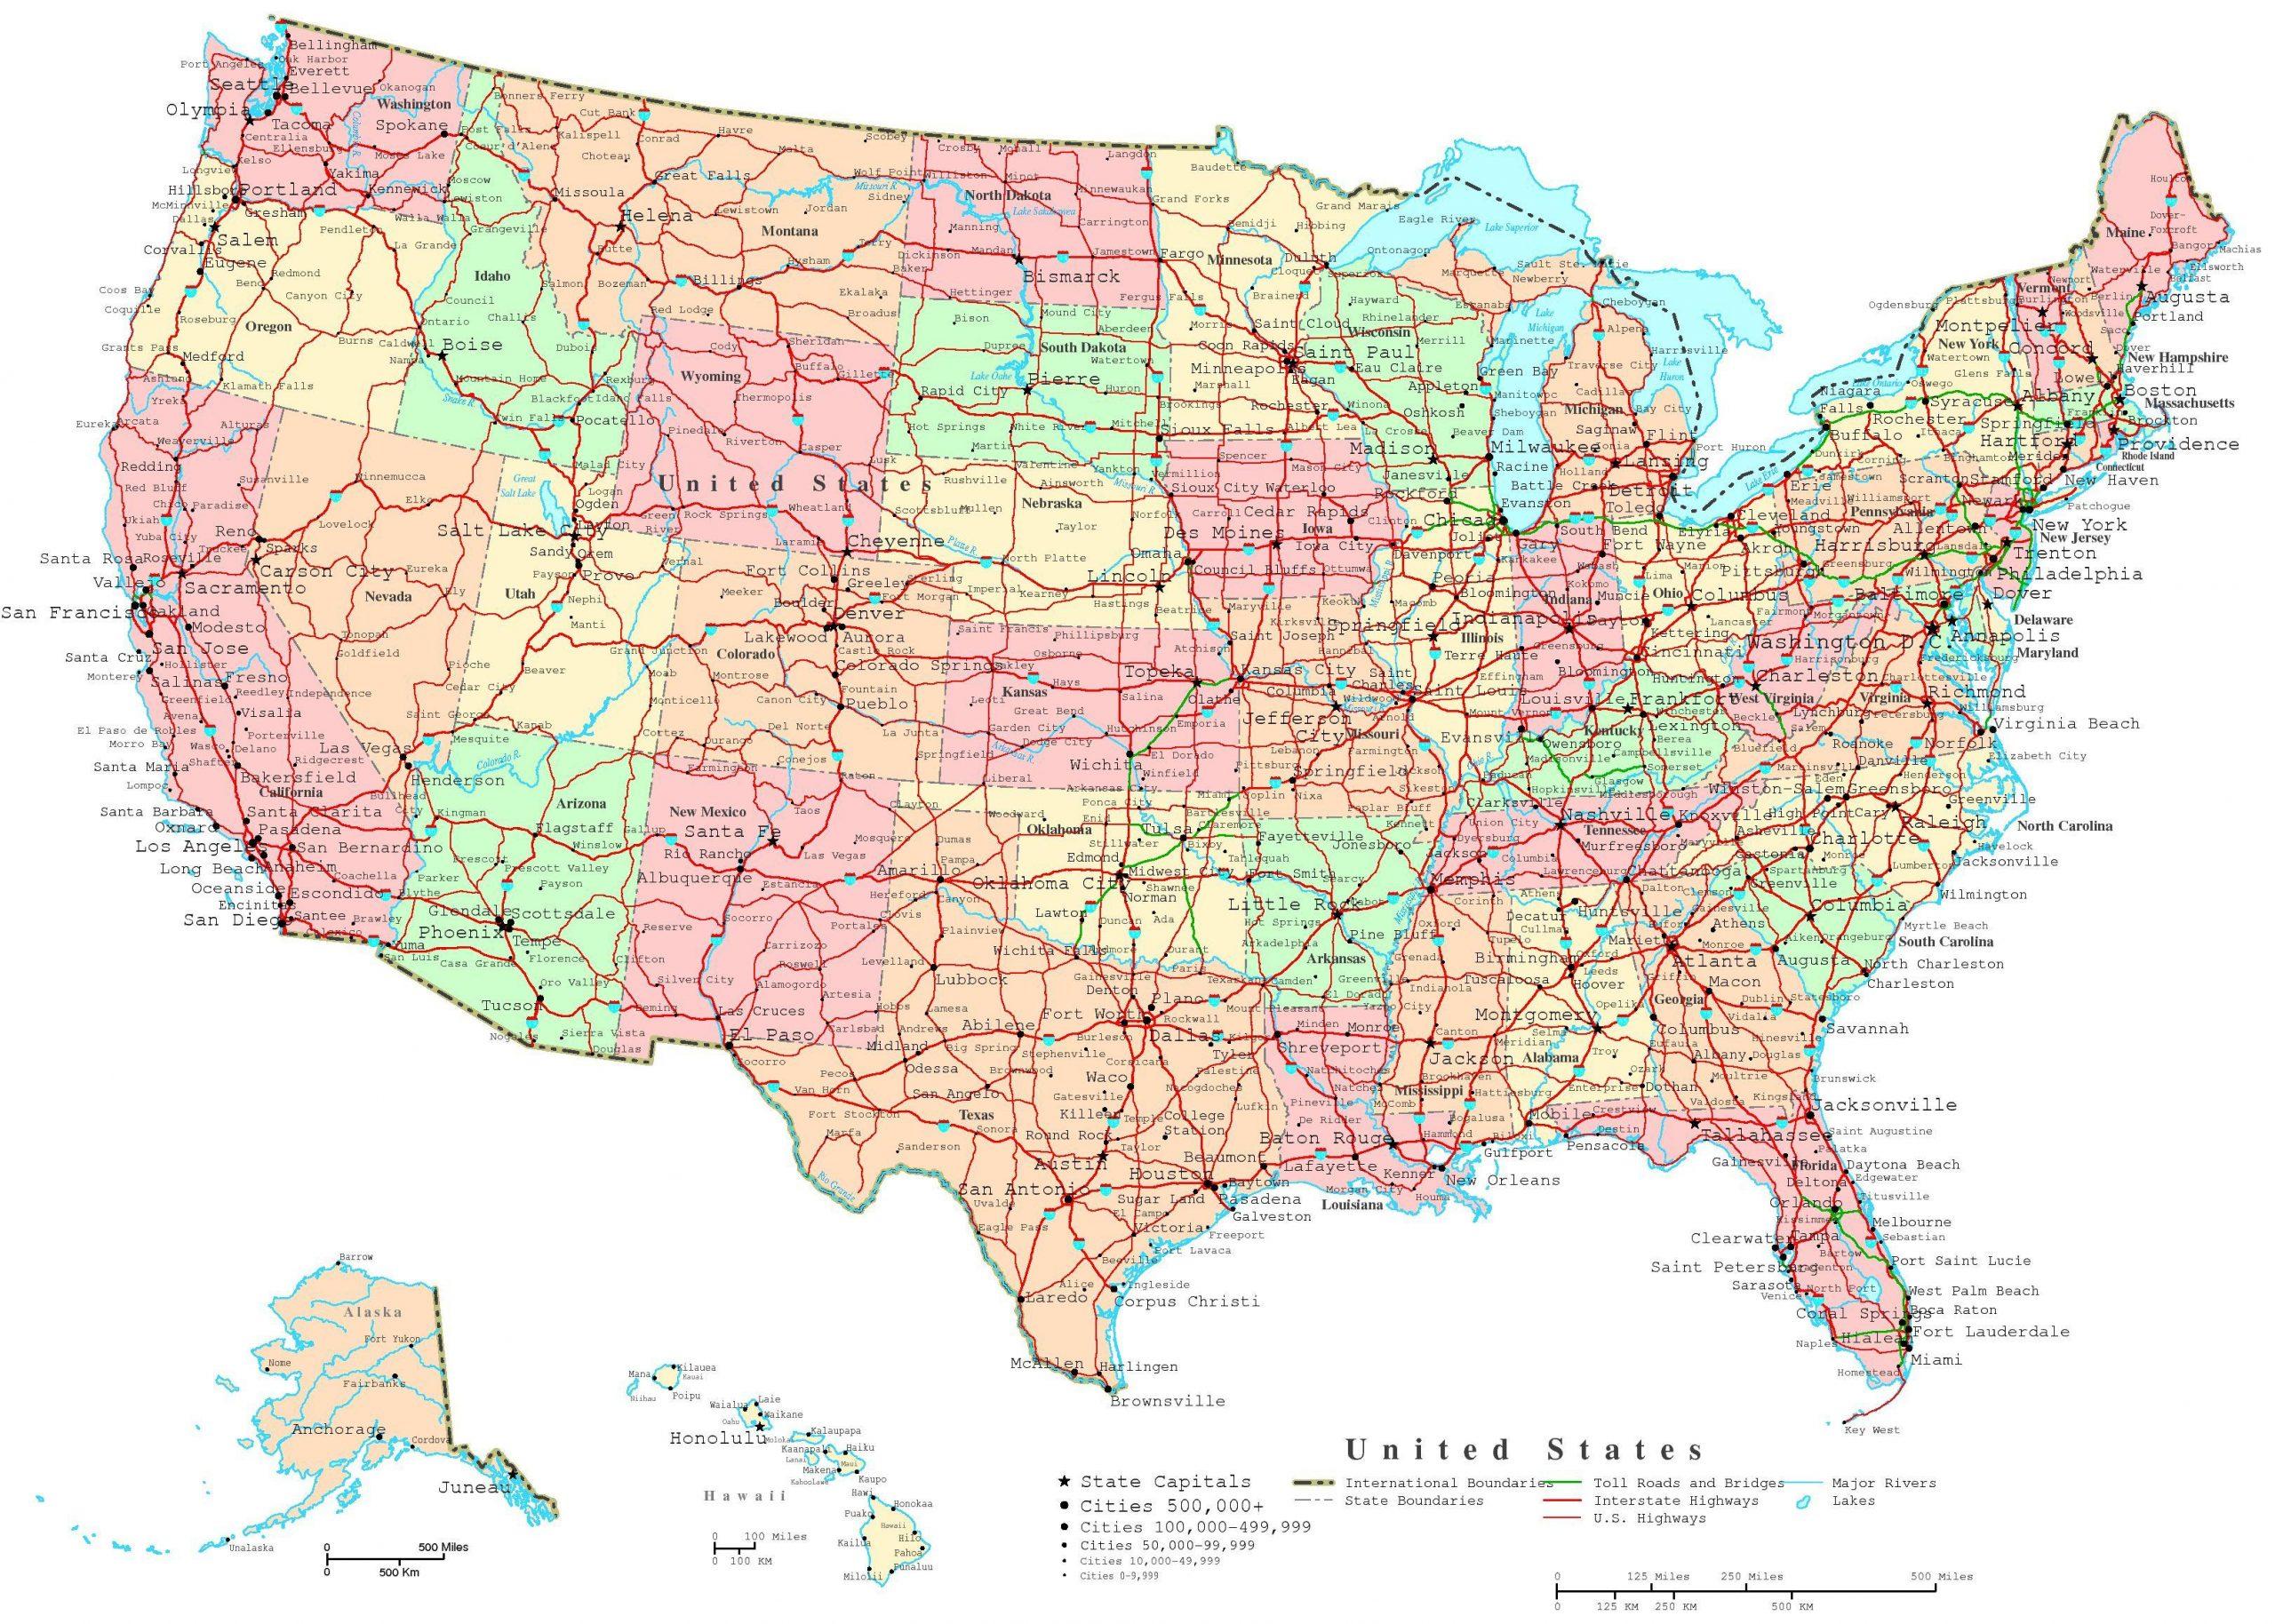 Karte Der Vereinigten Staaten Mit Städte - Vereinigte bei Nordamerika Karte Mit Staaten Städte